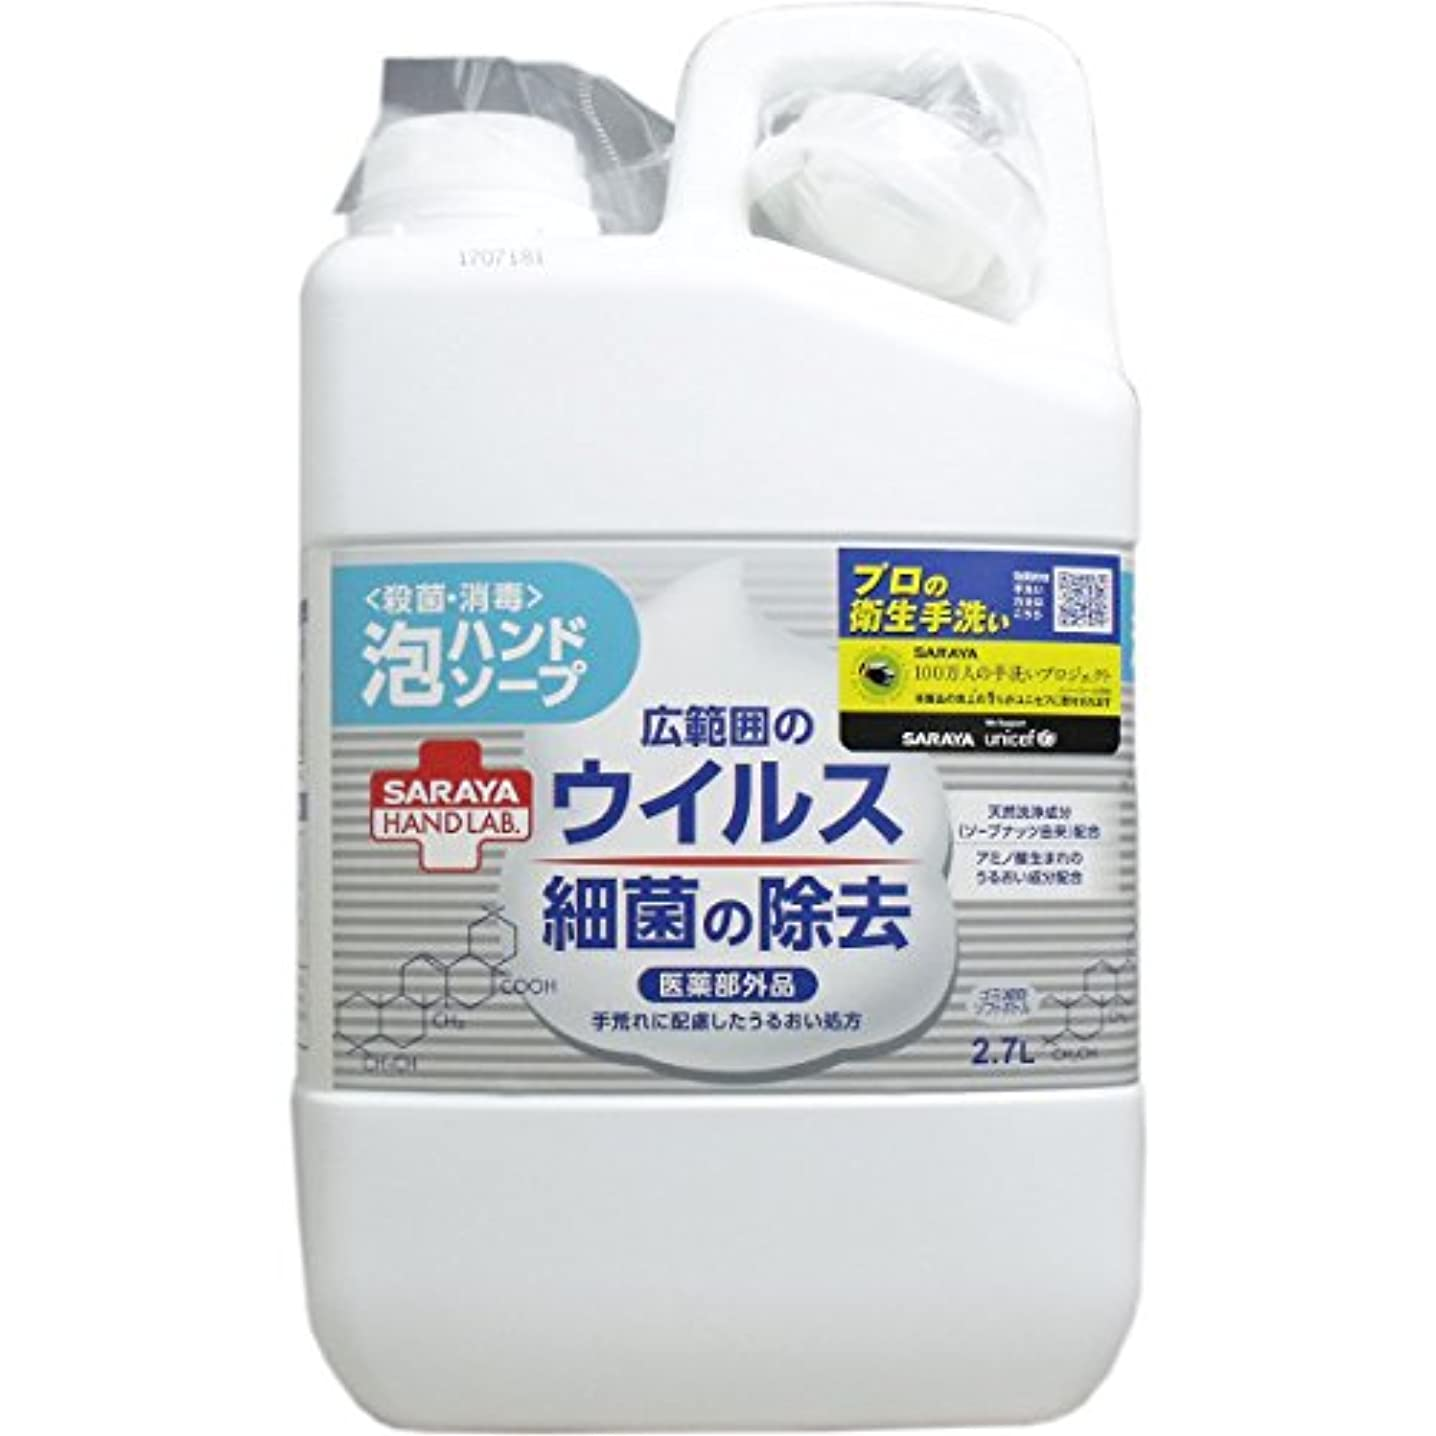 泥松明溶接ハンドラボ 薬用泡ハンドソープ 詰替用 2.7L(単品)